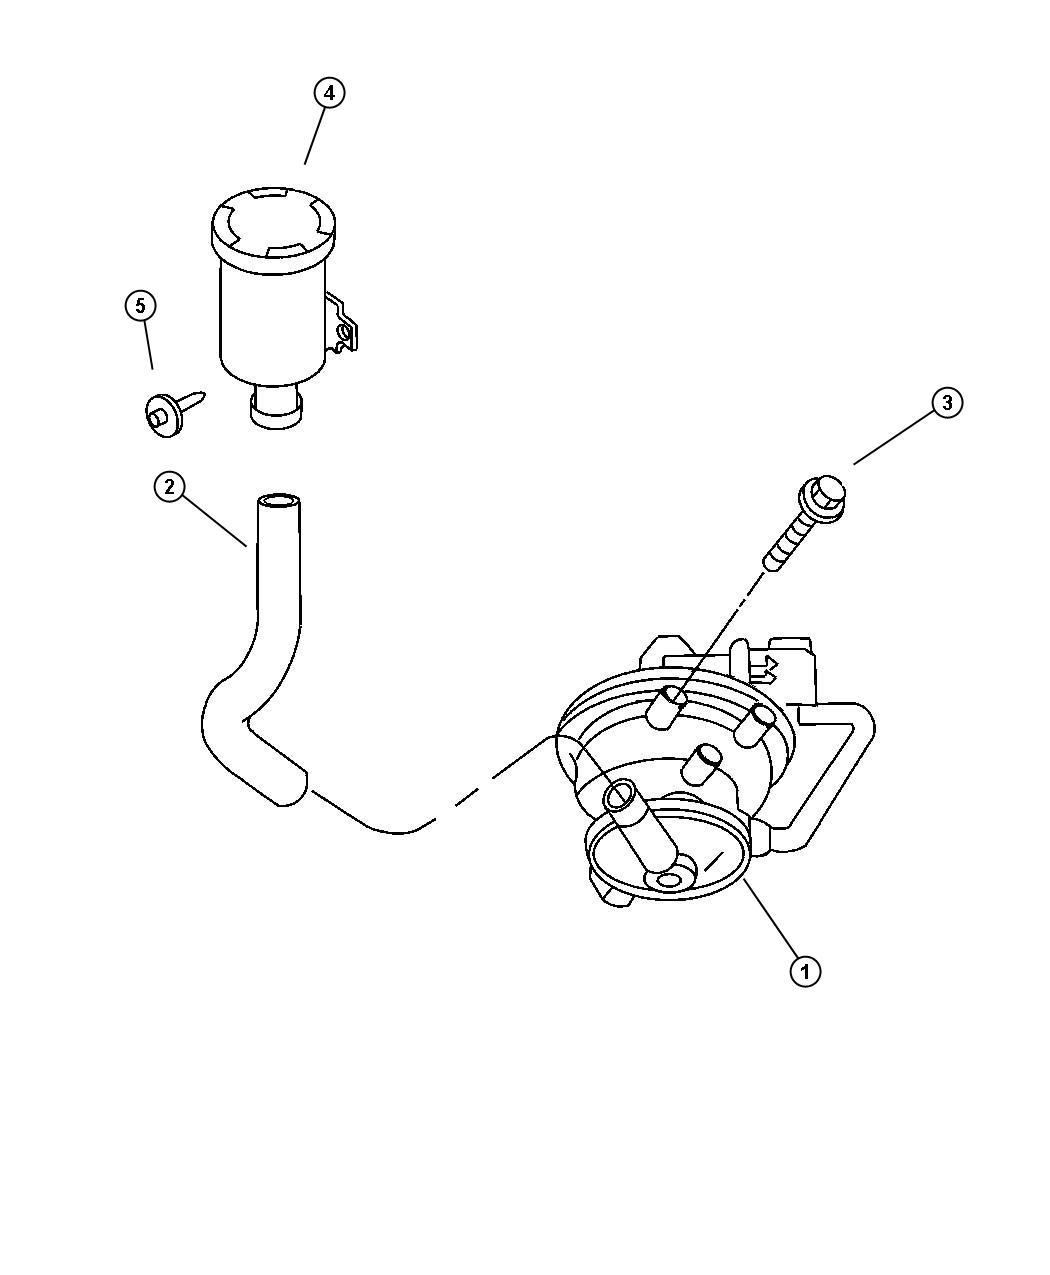 Dodge Durango Pump. Leak detection. Emissions, california